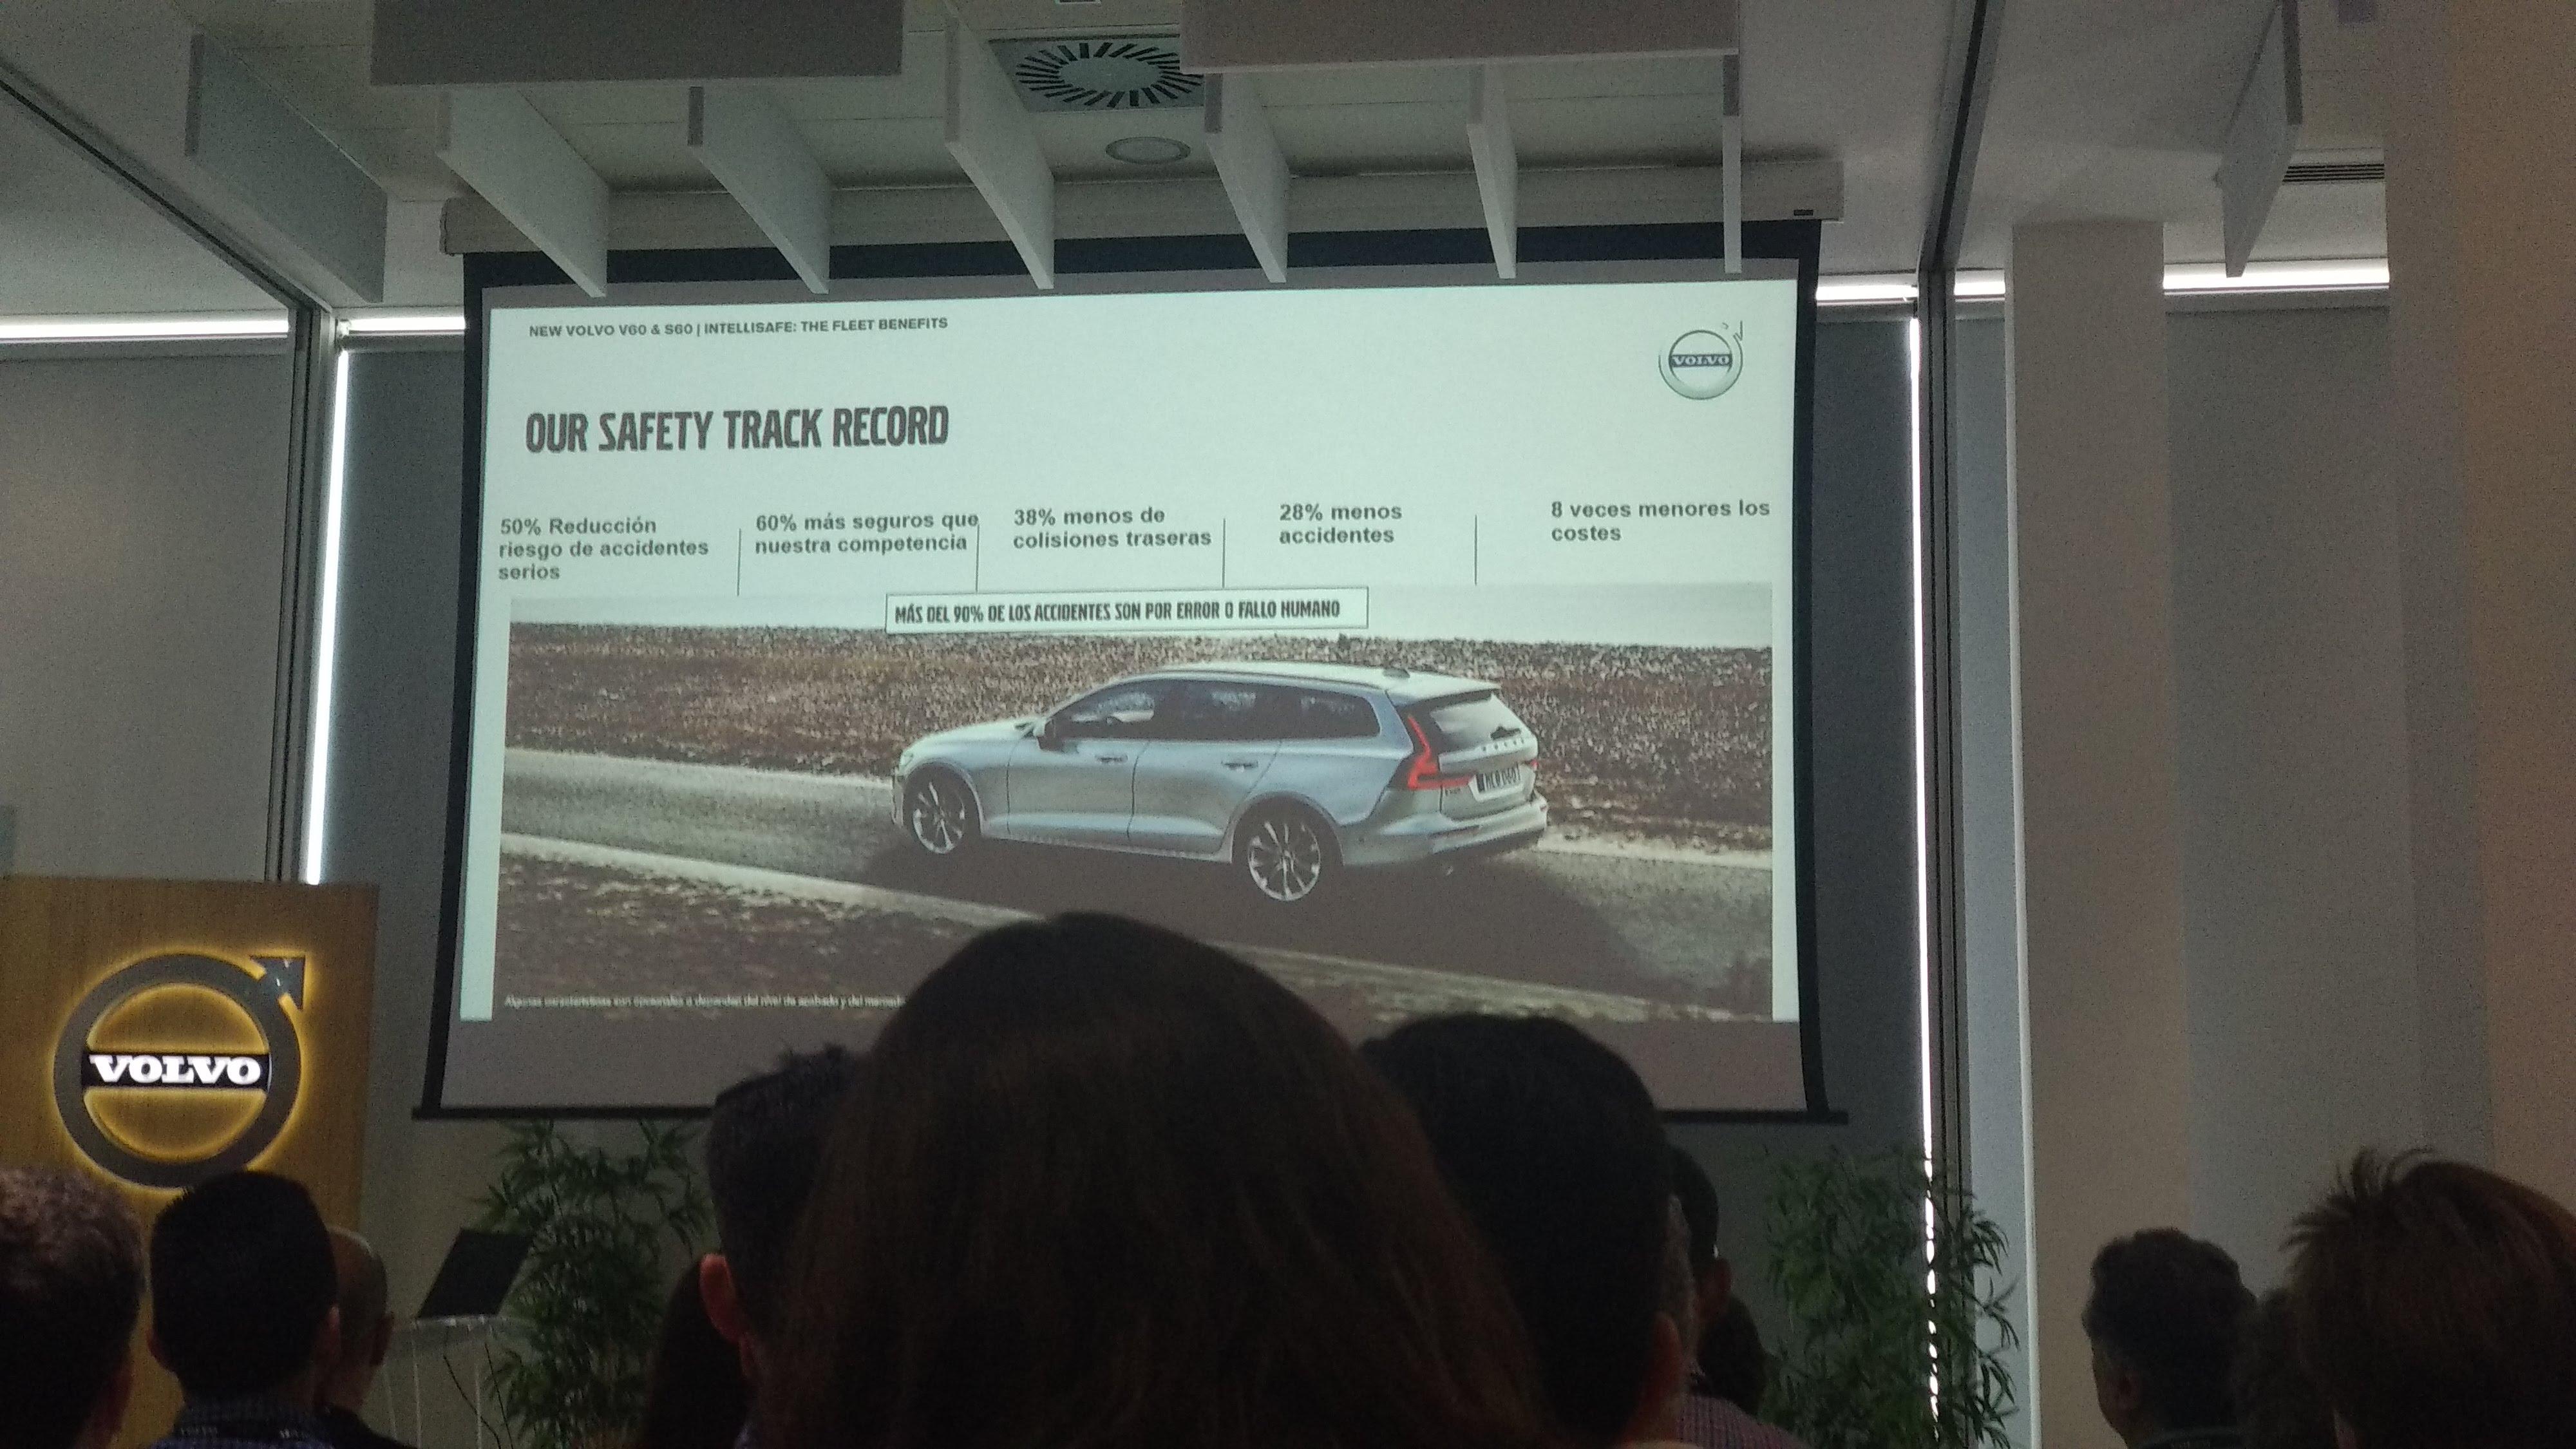 Curso de Conducción segura de Volvo 6